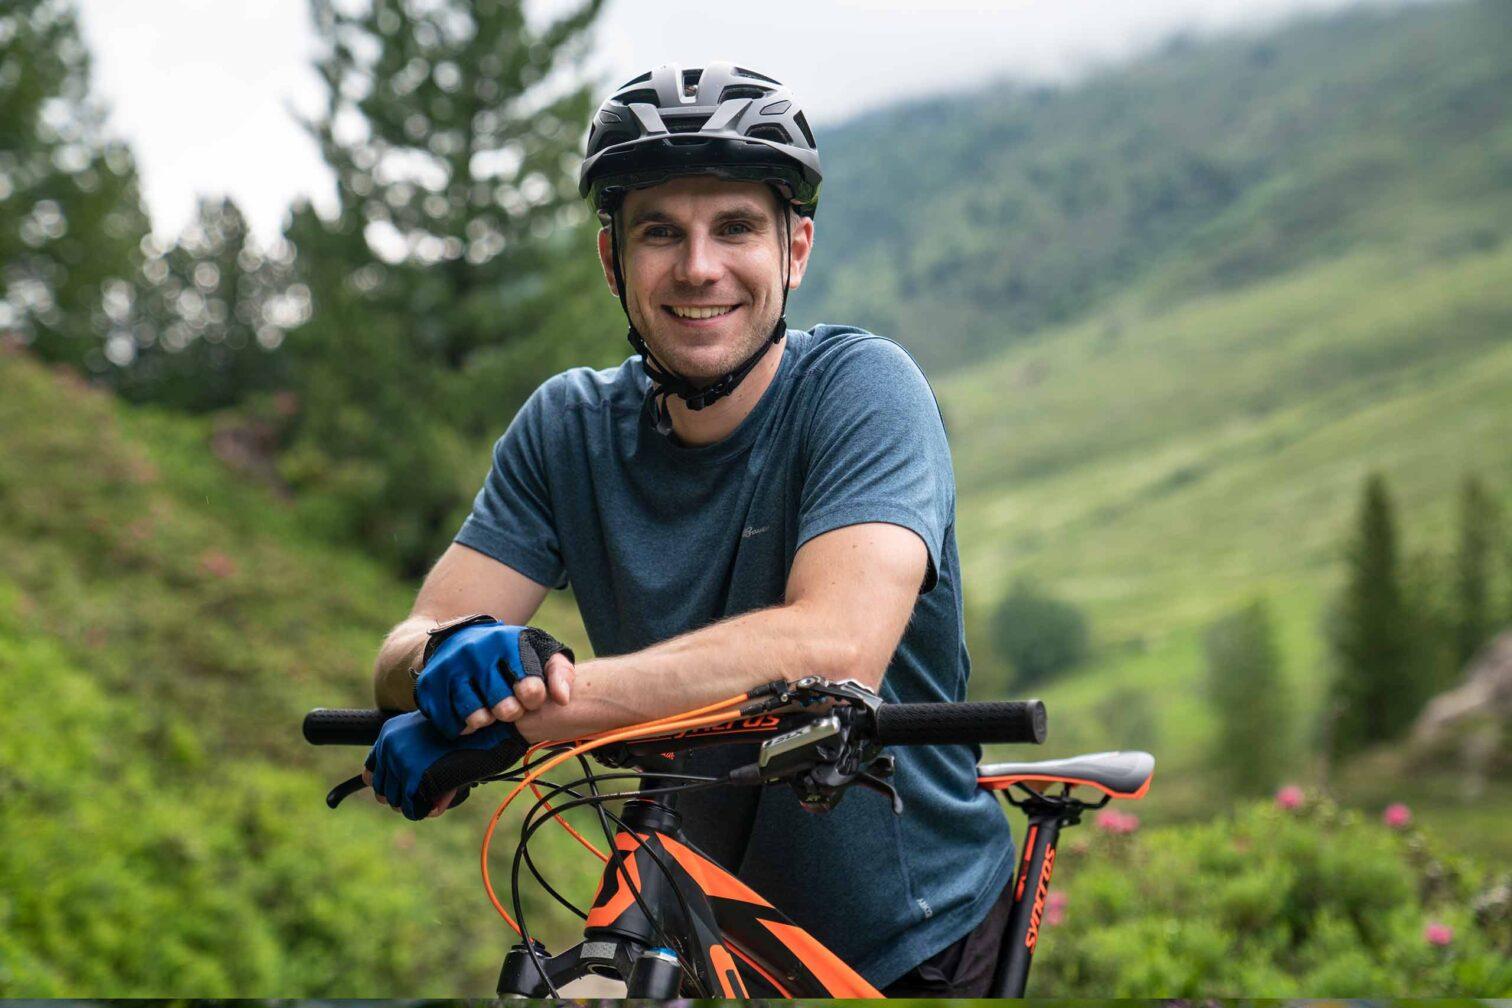 Graubünden Leben & Arbeiten - Der Biker